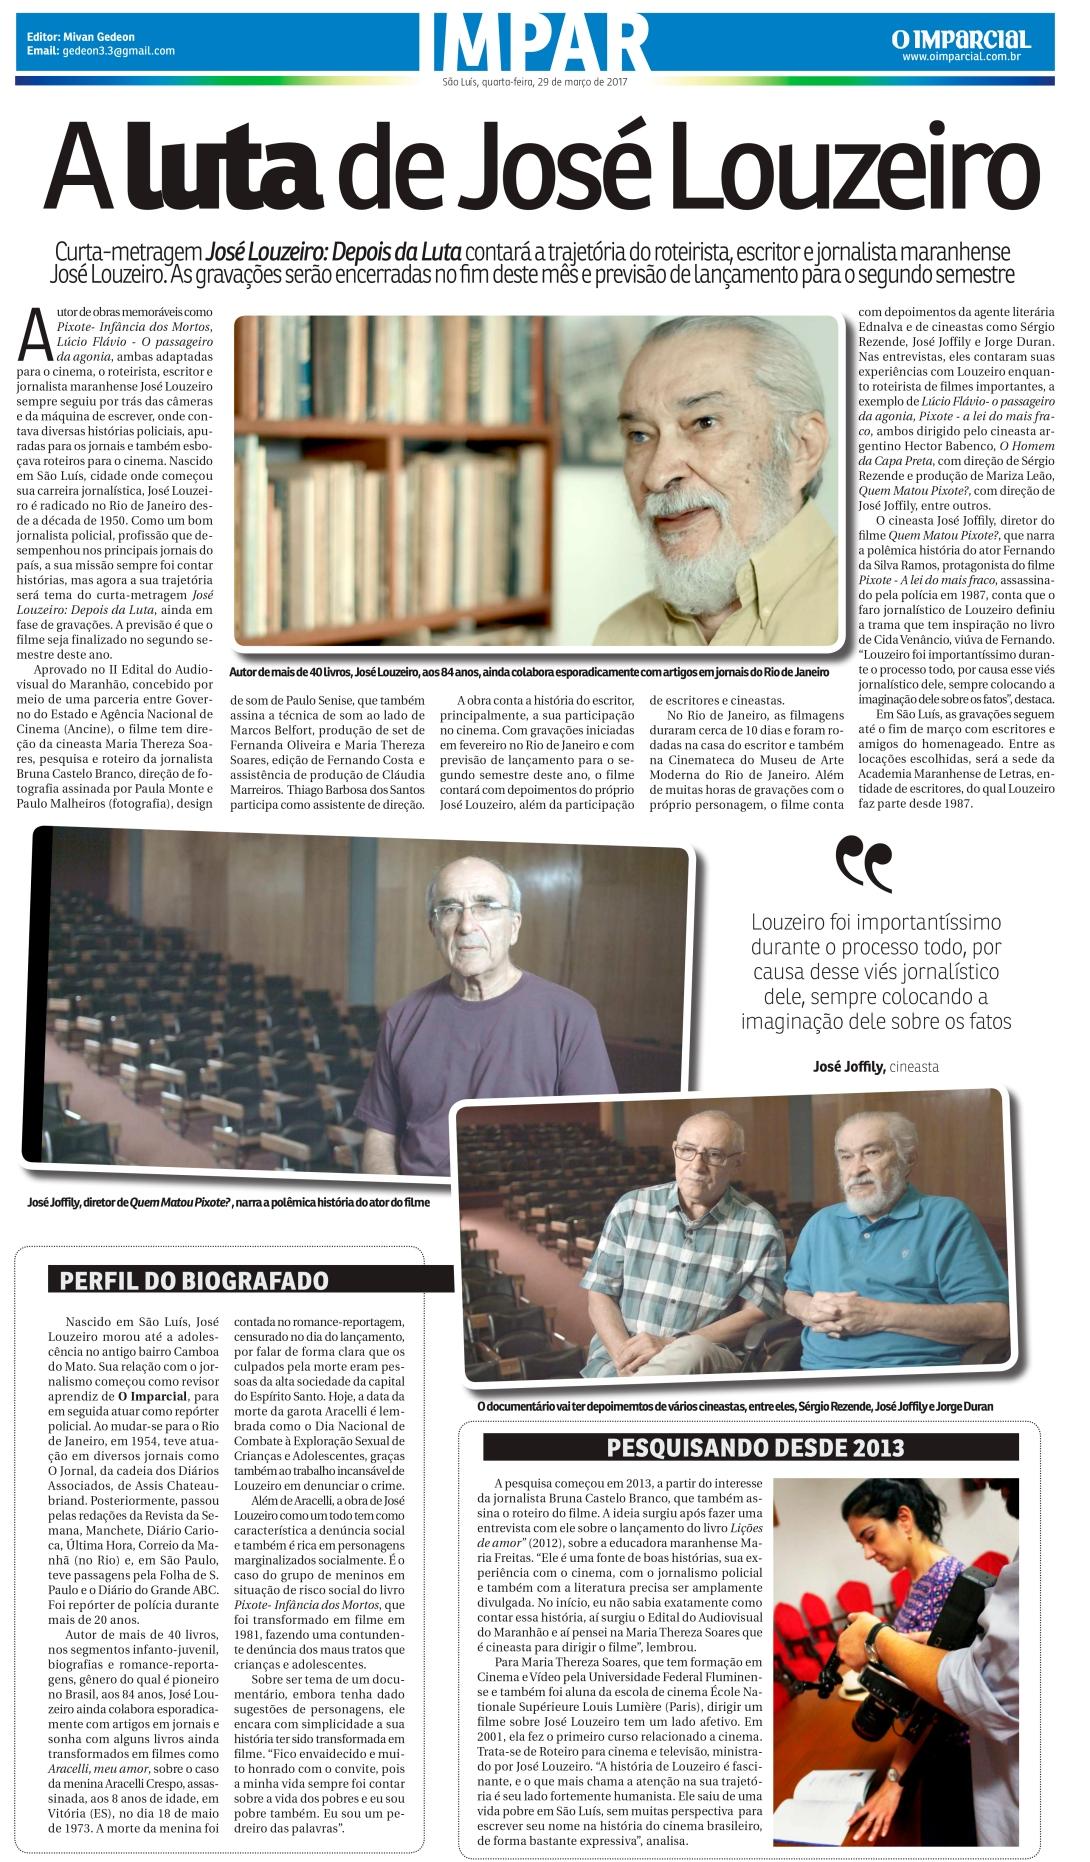 O Imparcial_Impar_A luta de José Louzeiro.pdf